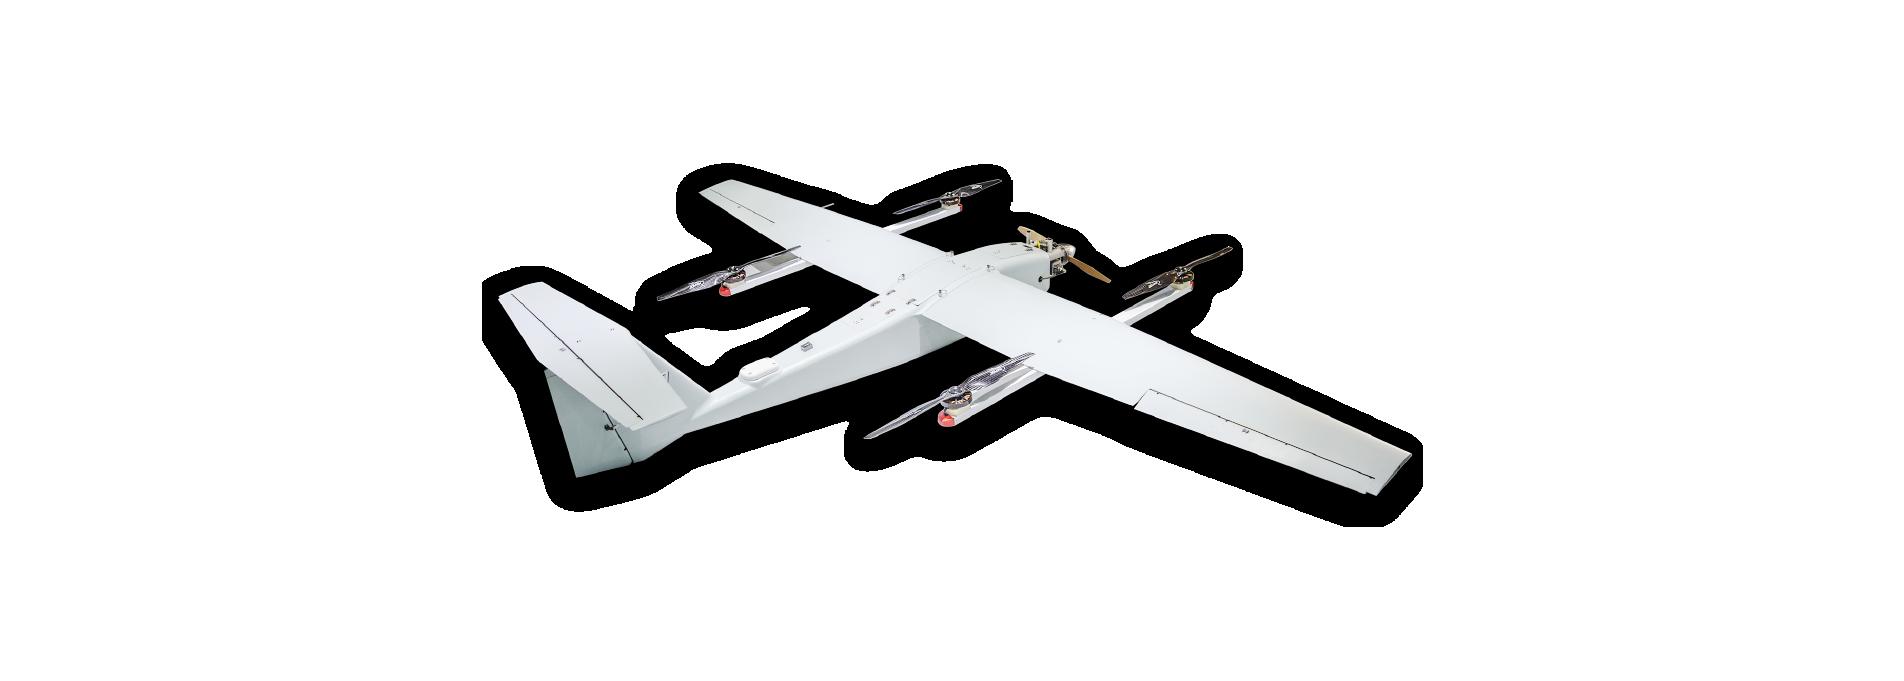 大鹏CW-20垂直起降固定翼无人机_测绘无人机_航摄